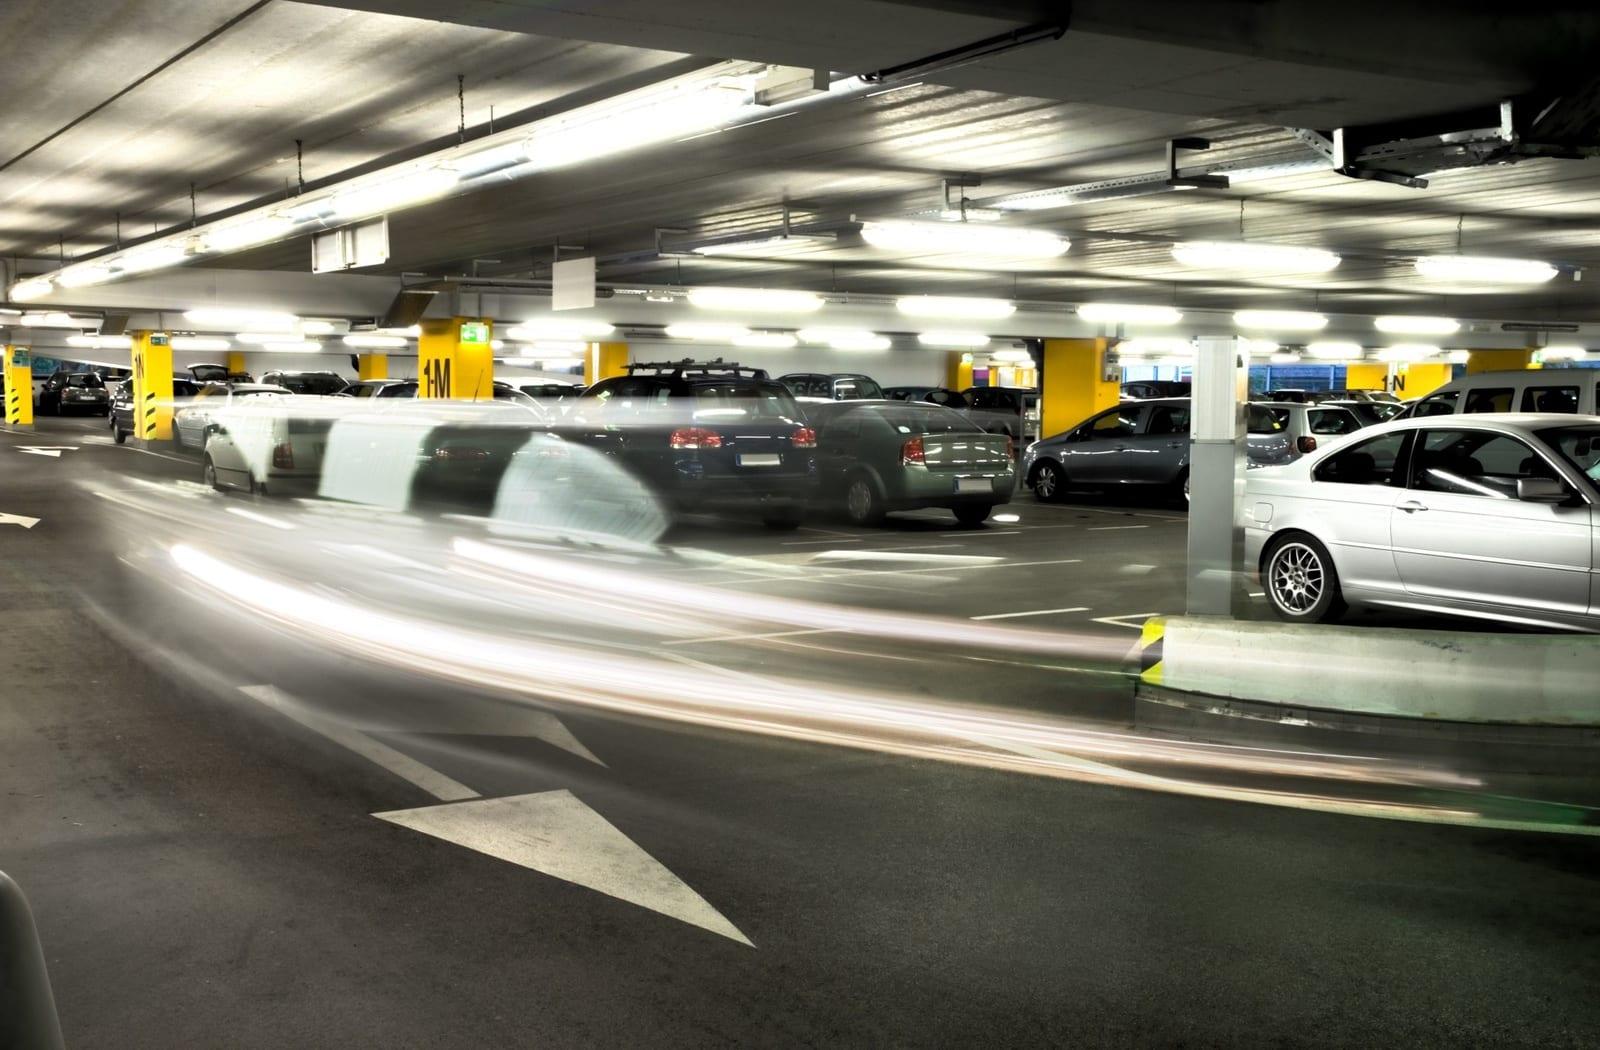 Med 253 parkeringsplasser - de fleste innendørs - er eiendommen i en særstilling når det gjelder parkeringsdekning